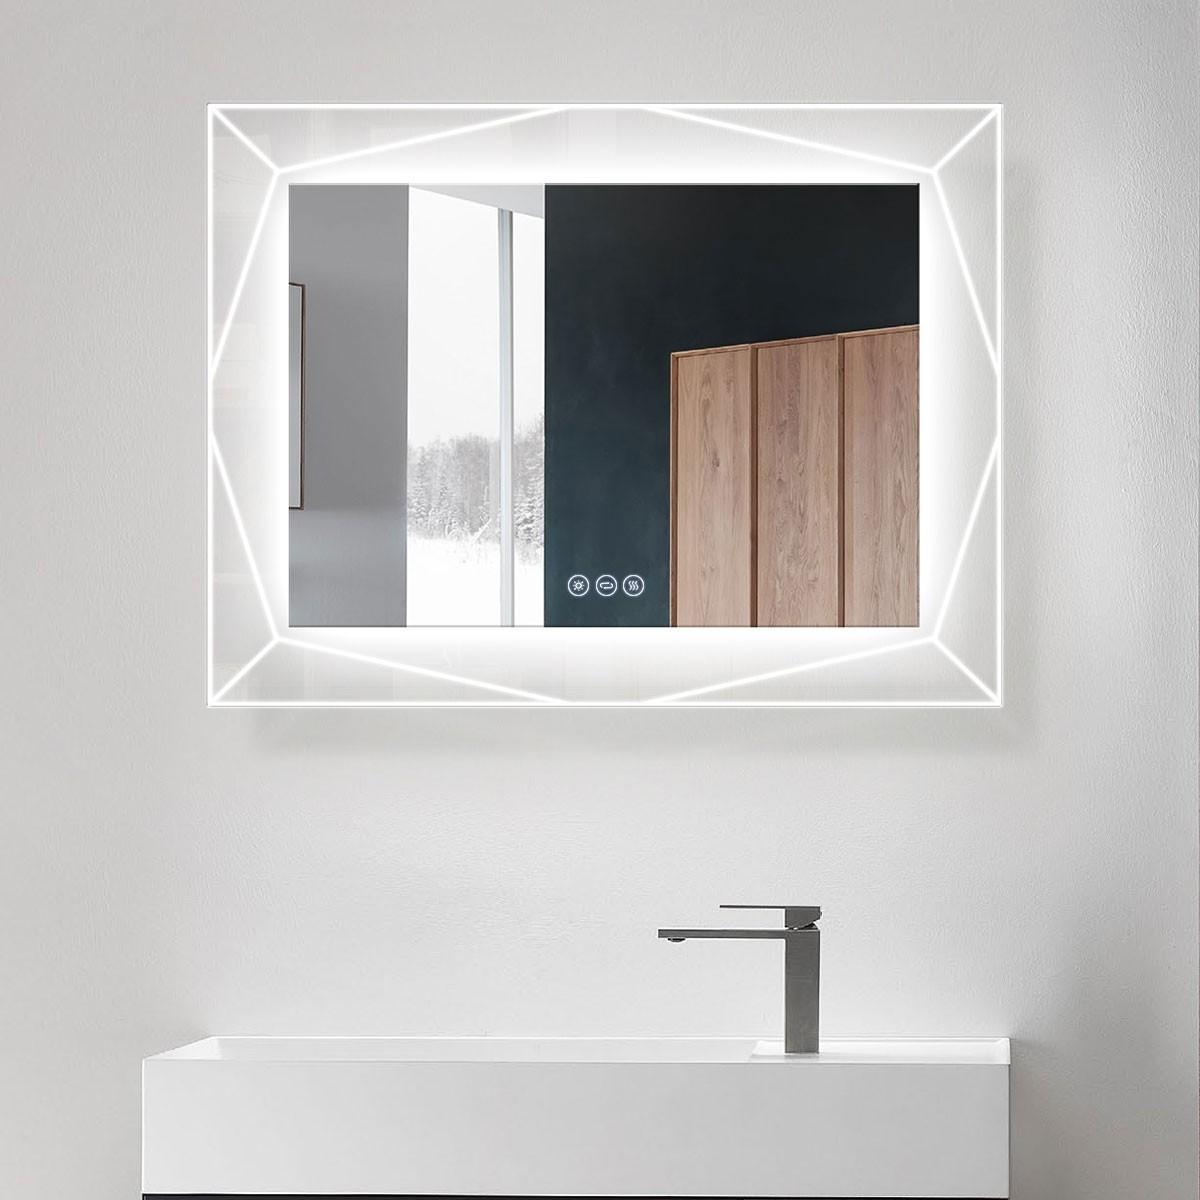 DECORAPORT 36 x 28 Po Miroir de Salle de Bain LED avec Bouton Tactile, Haut-Parleur Bluetooth, Lumières Tricolores, Anti-Buée, Luminosité Réglable, Montage Vertical (D1517-3628AB)